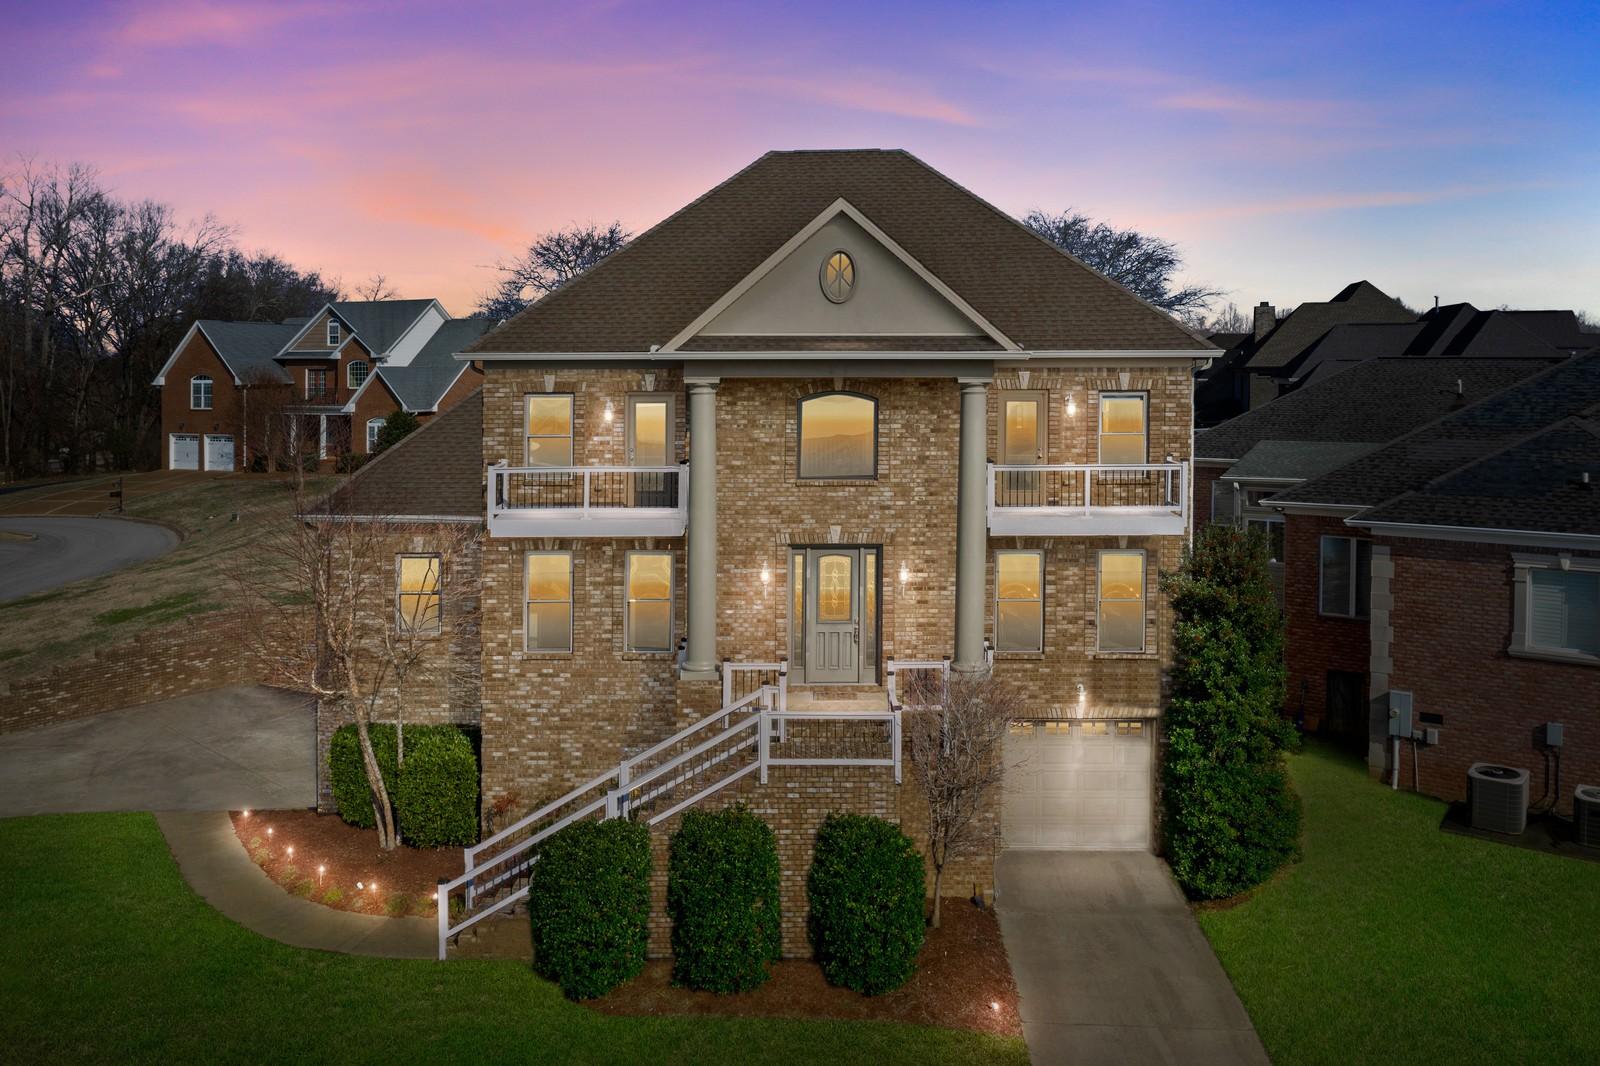 126 Lake Harbor Dr, Hendersonville, TN 37075 - Hendersonville, TN real estate listing